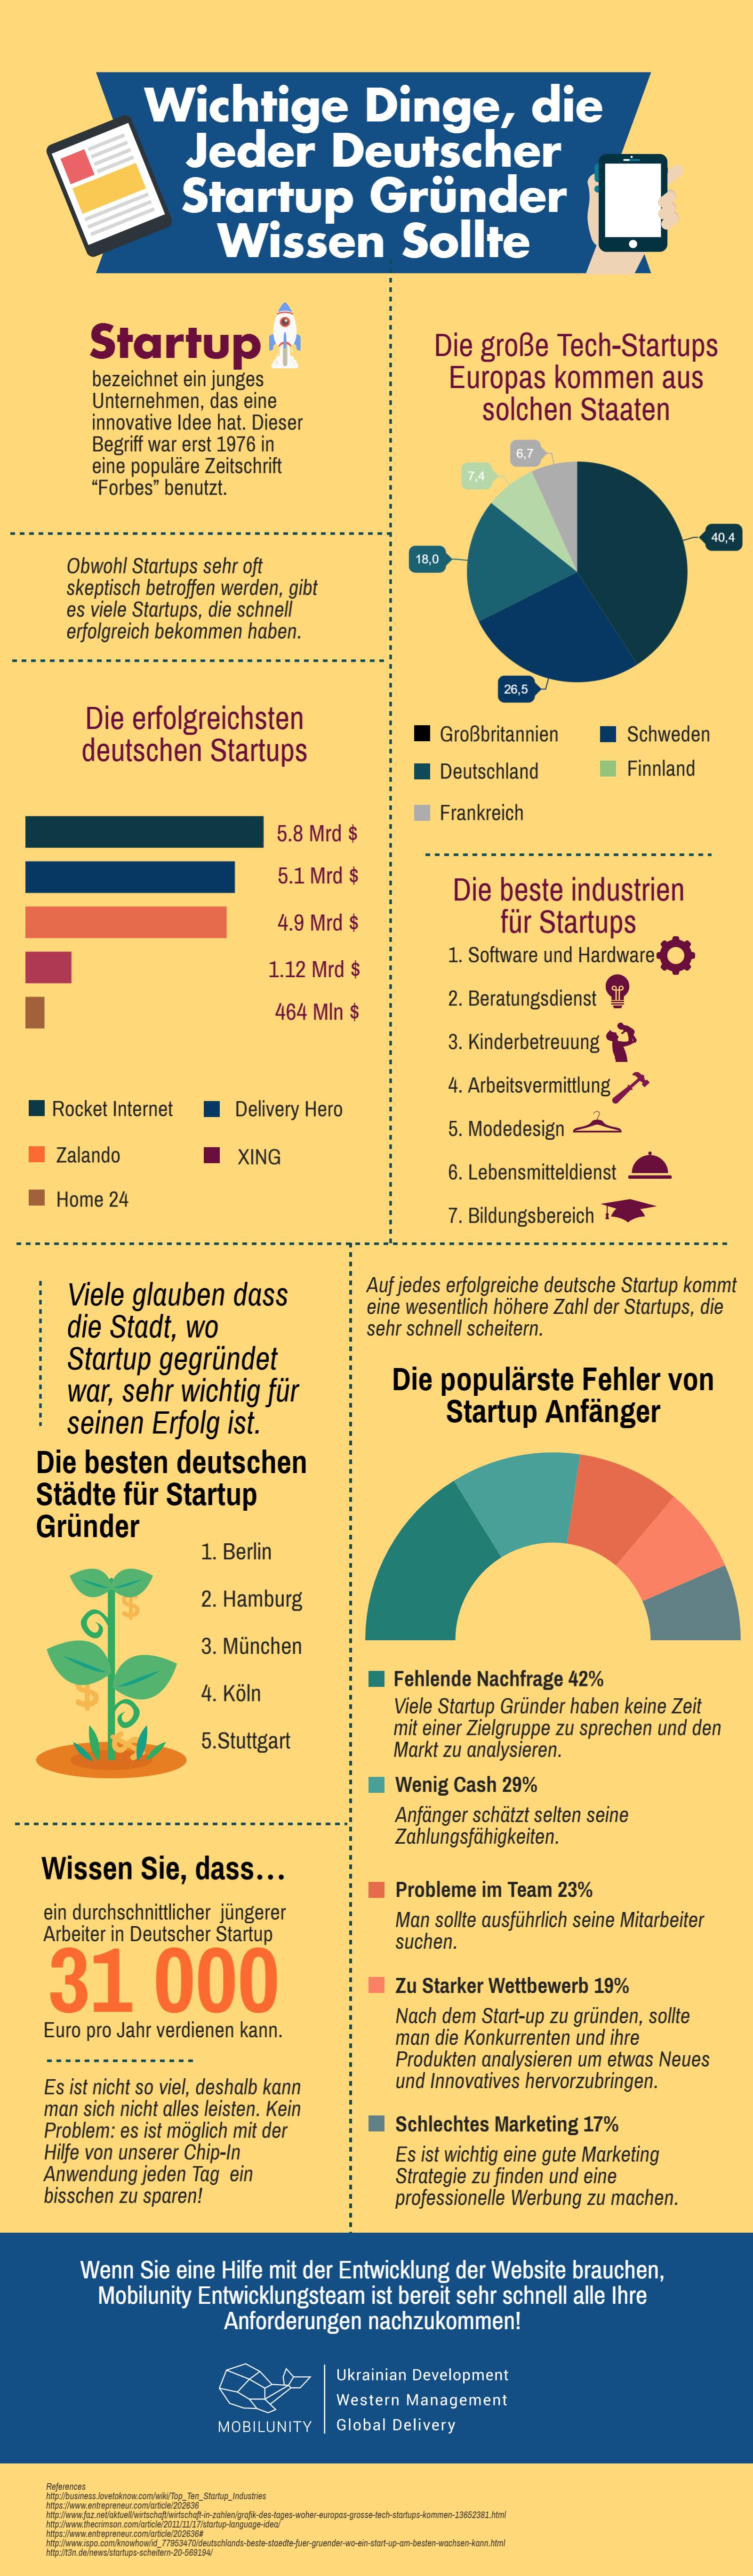 die dinge die jeder deutscher startup grunder wissen sollte